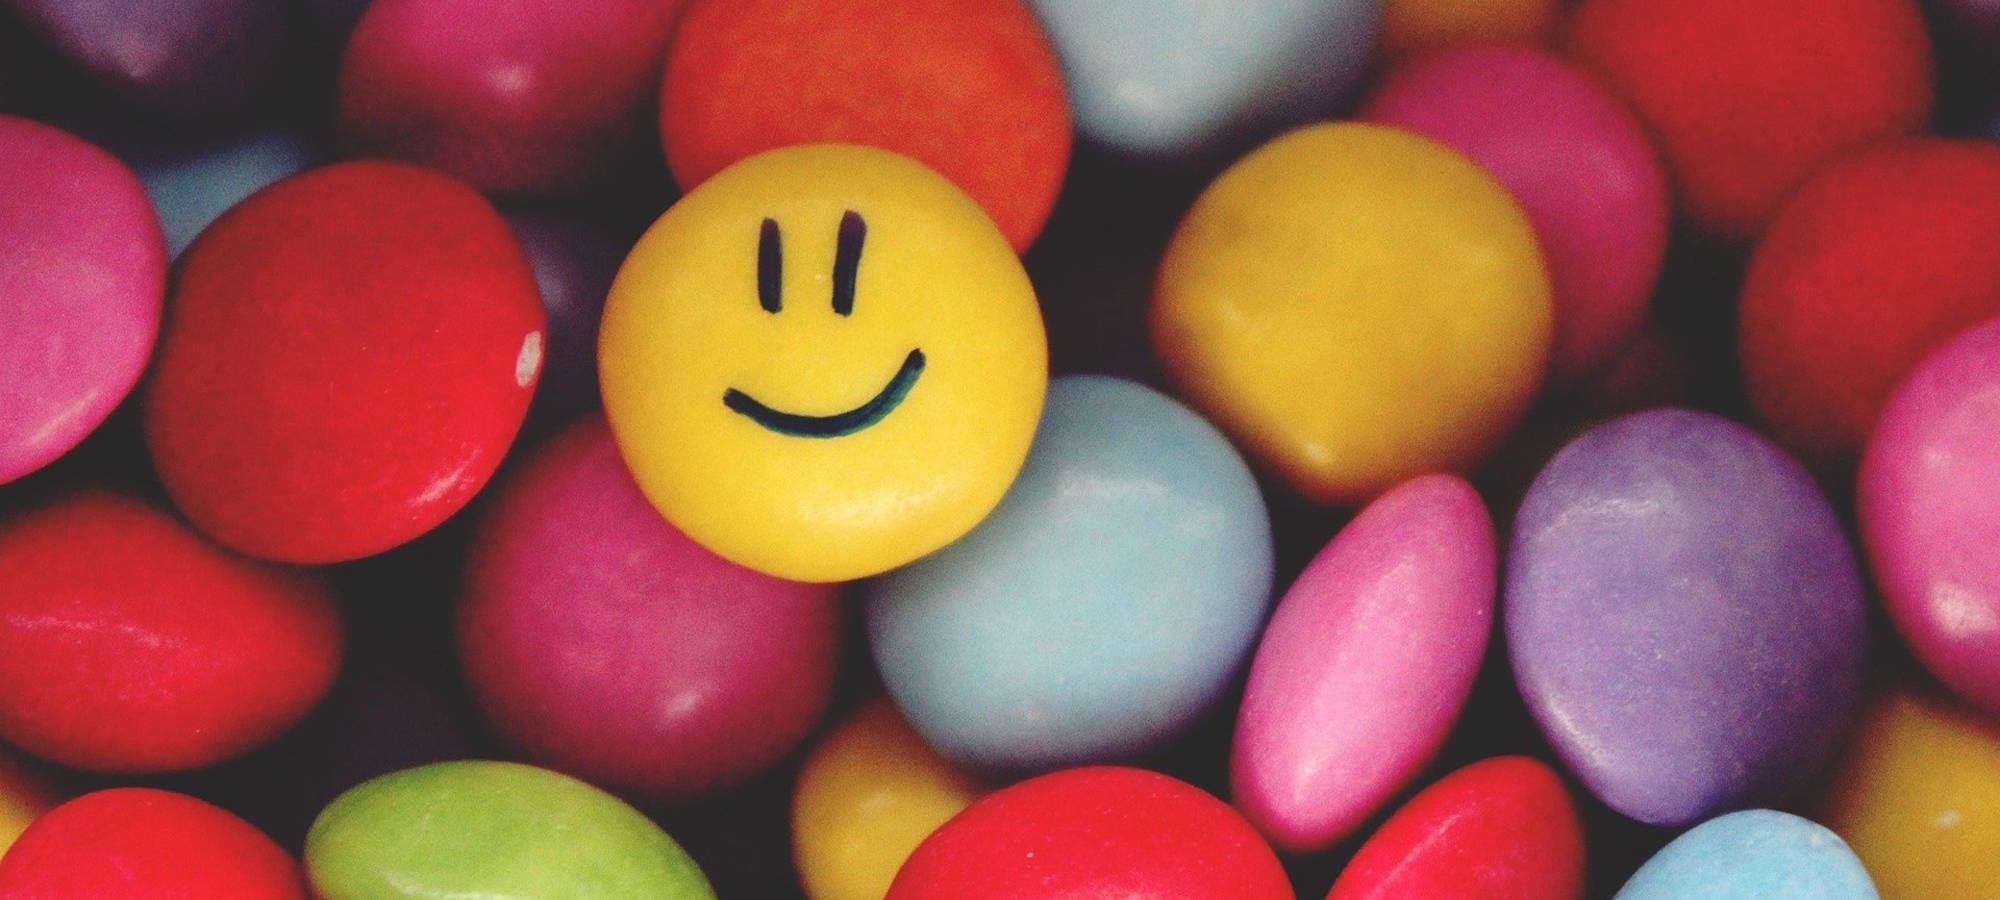 viele bunte smarties, eines davon mit smiley © pixabay